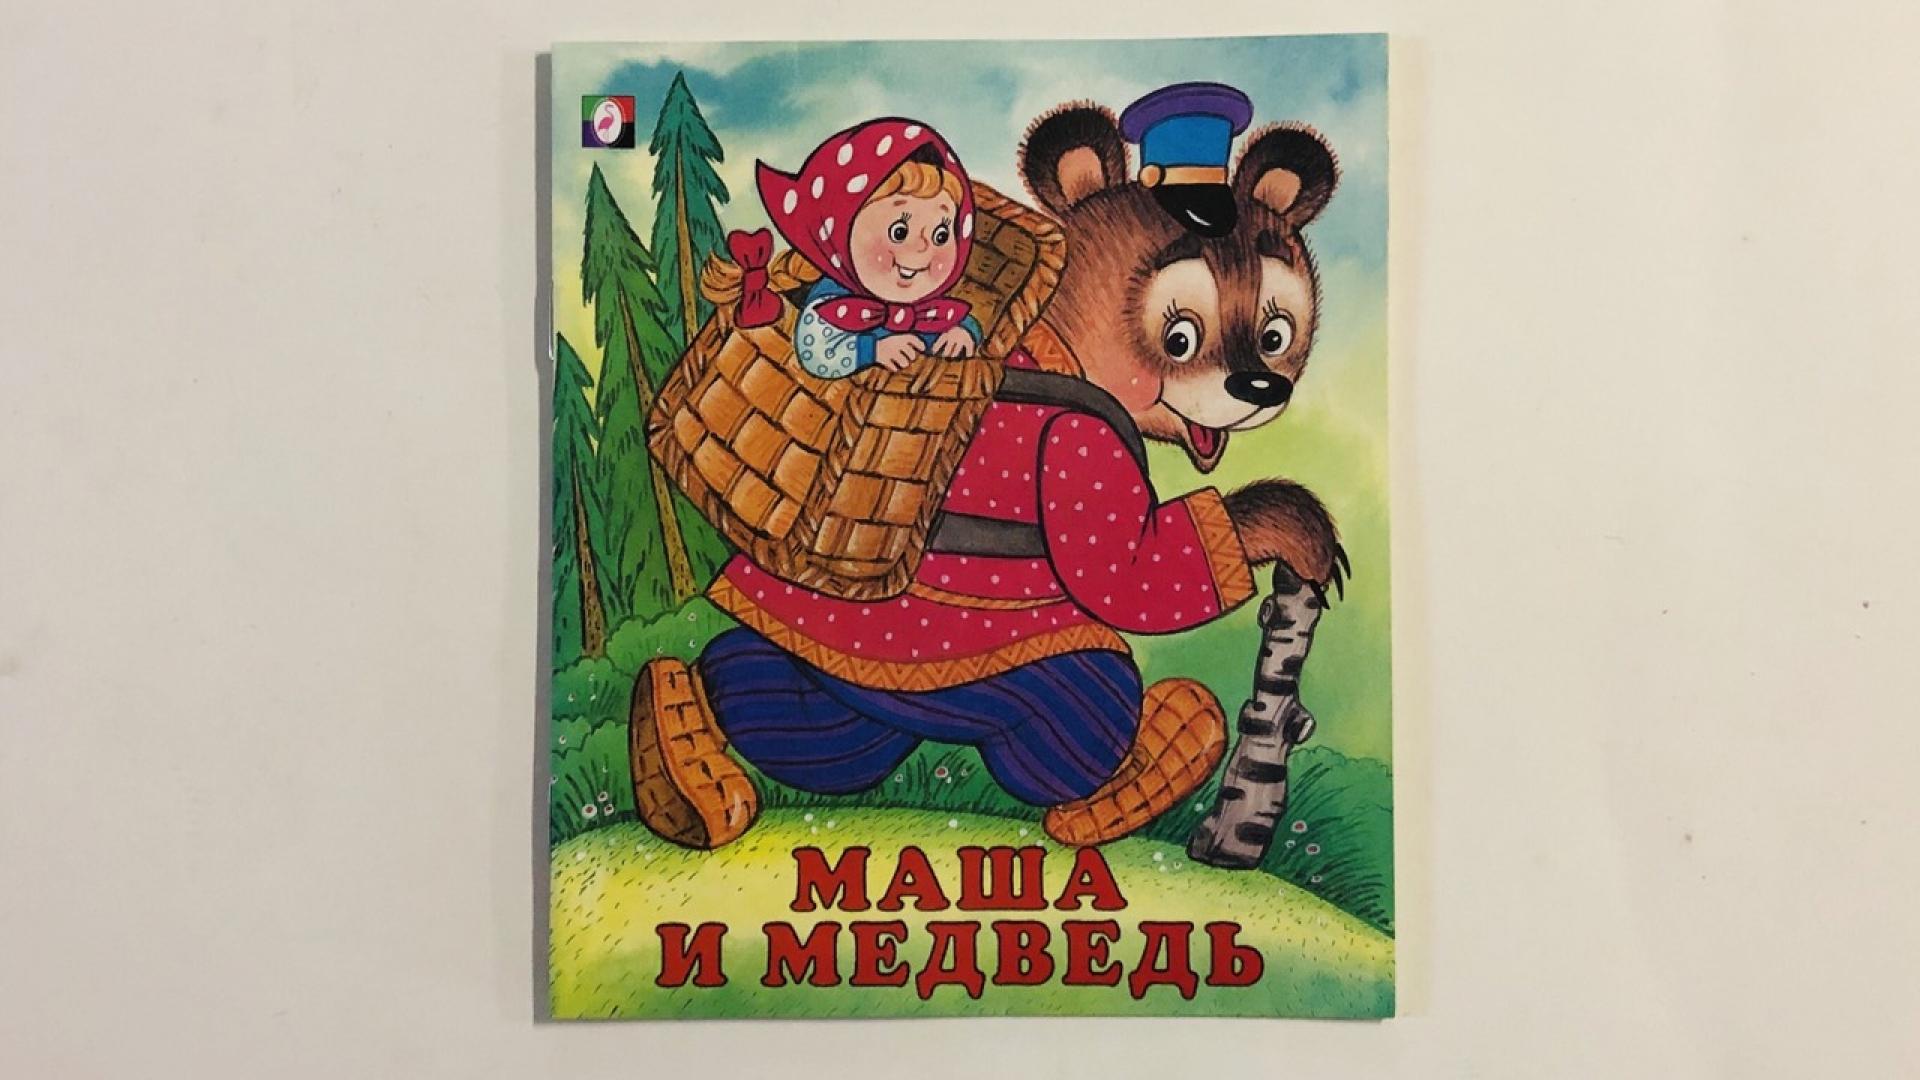 Сказки маша и медведь картинки и текст